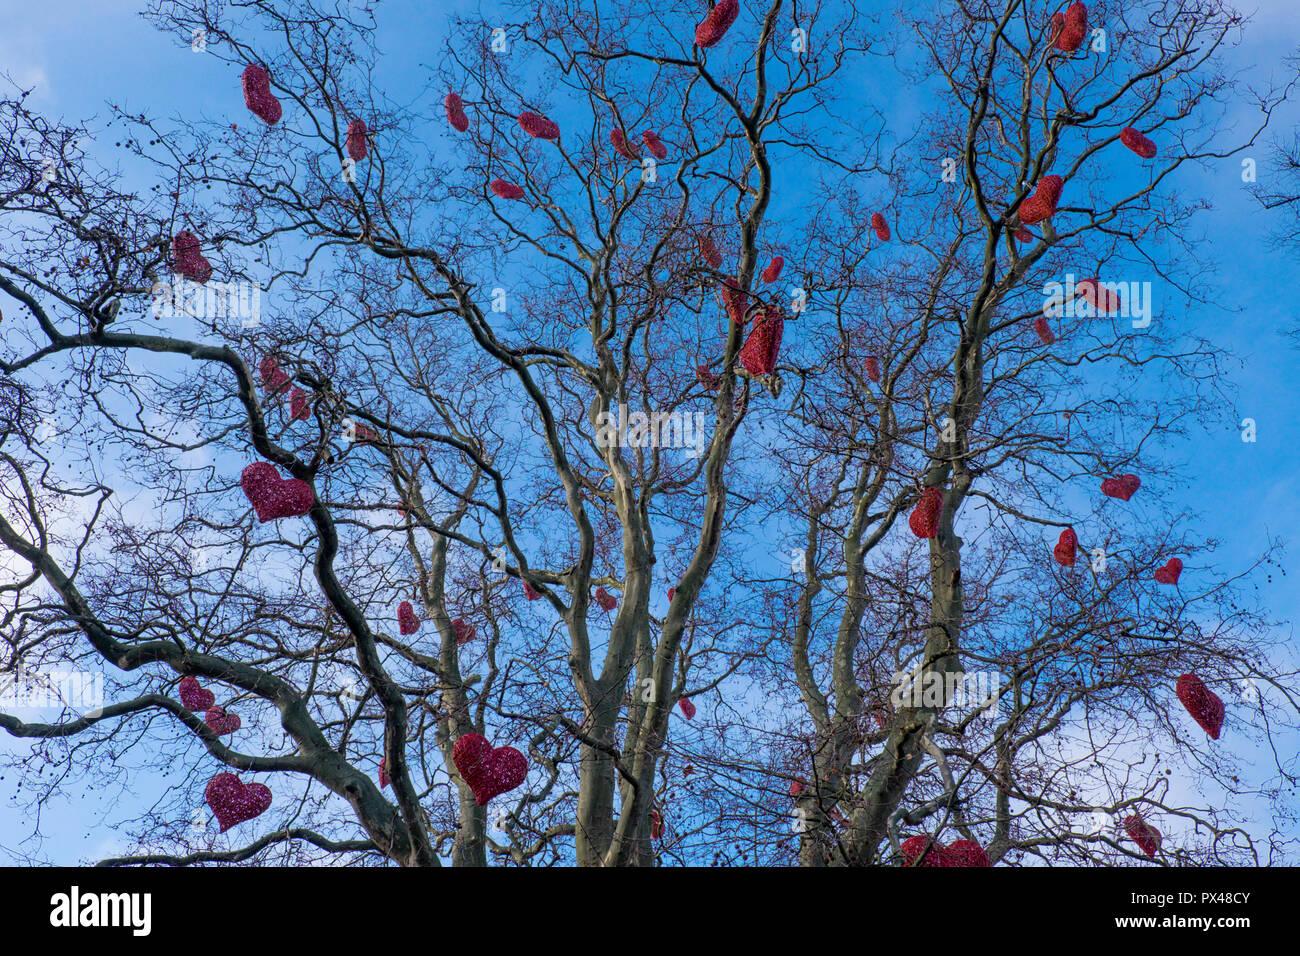 Amour coeur rouge attaché dans les branches d'un arbre, Malmo, Suède Photo Stock